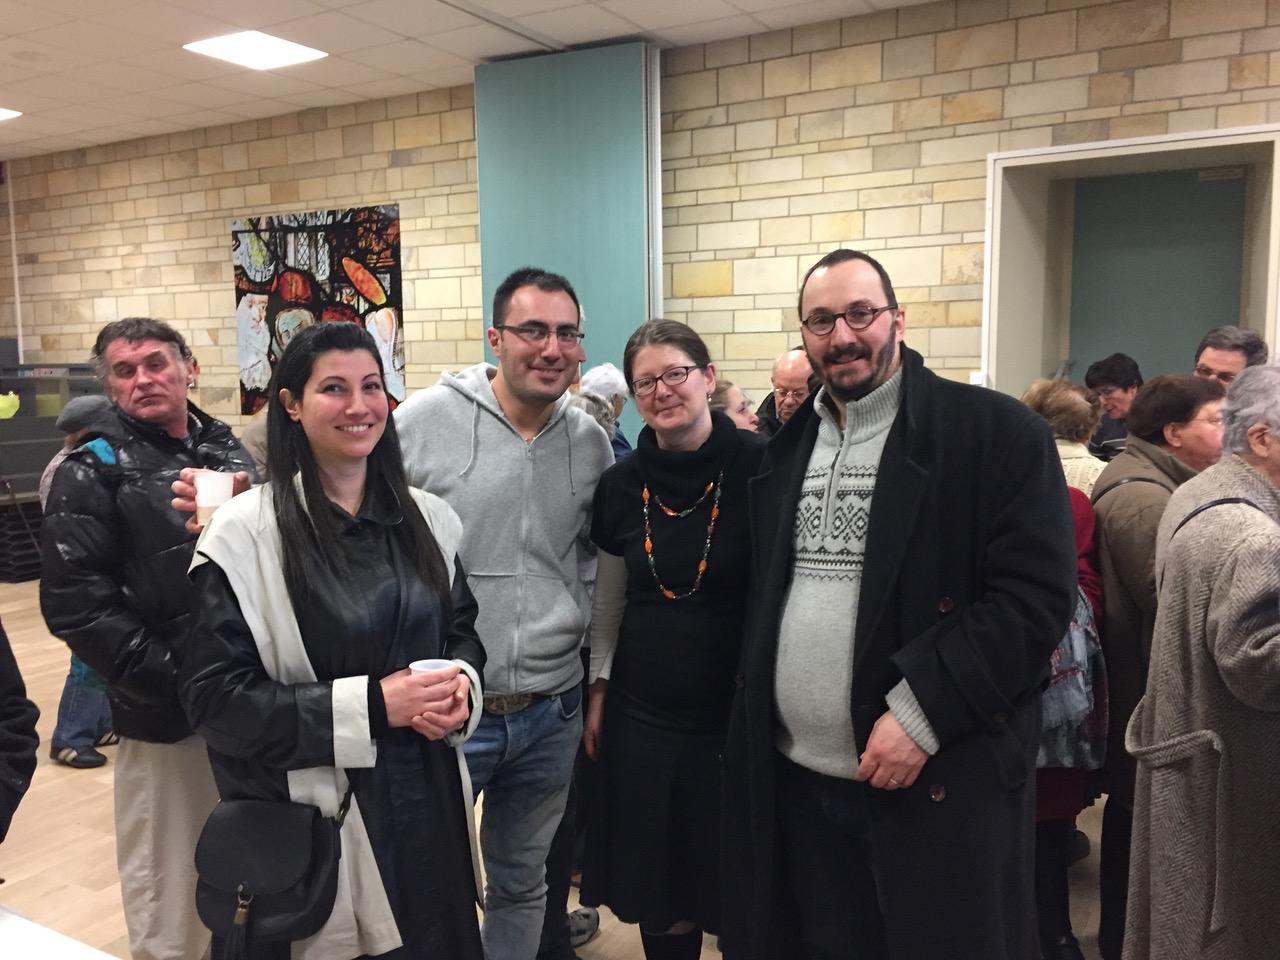 Les syriens se retrouvent, ici avec François Xavier et Marie-Edith Enderlé, nouveaux arrivés sur la paroisse, en septembre. François Xavier s'occupe (avec d'autres) des servants d'autel